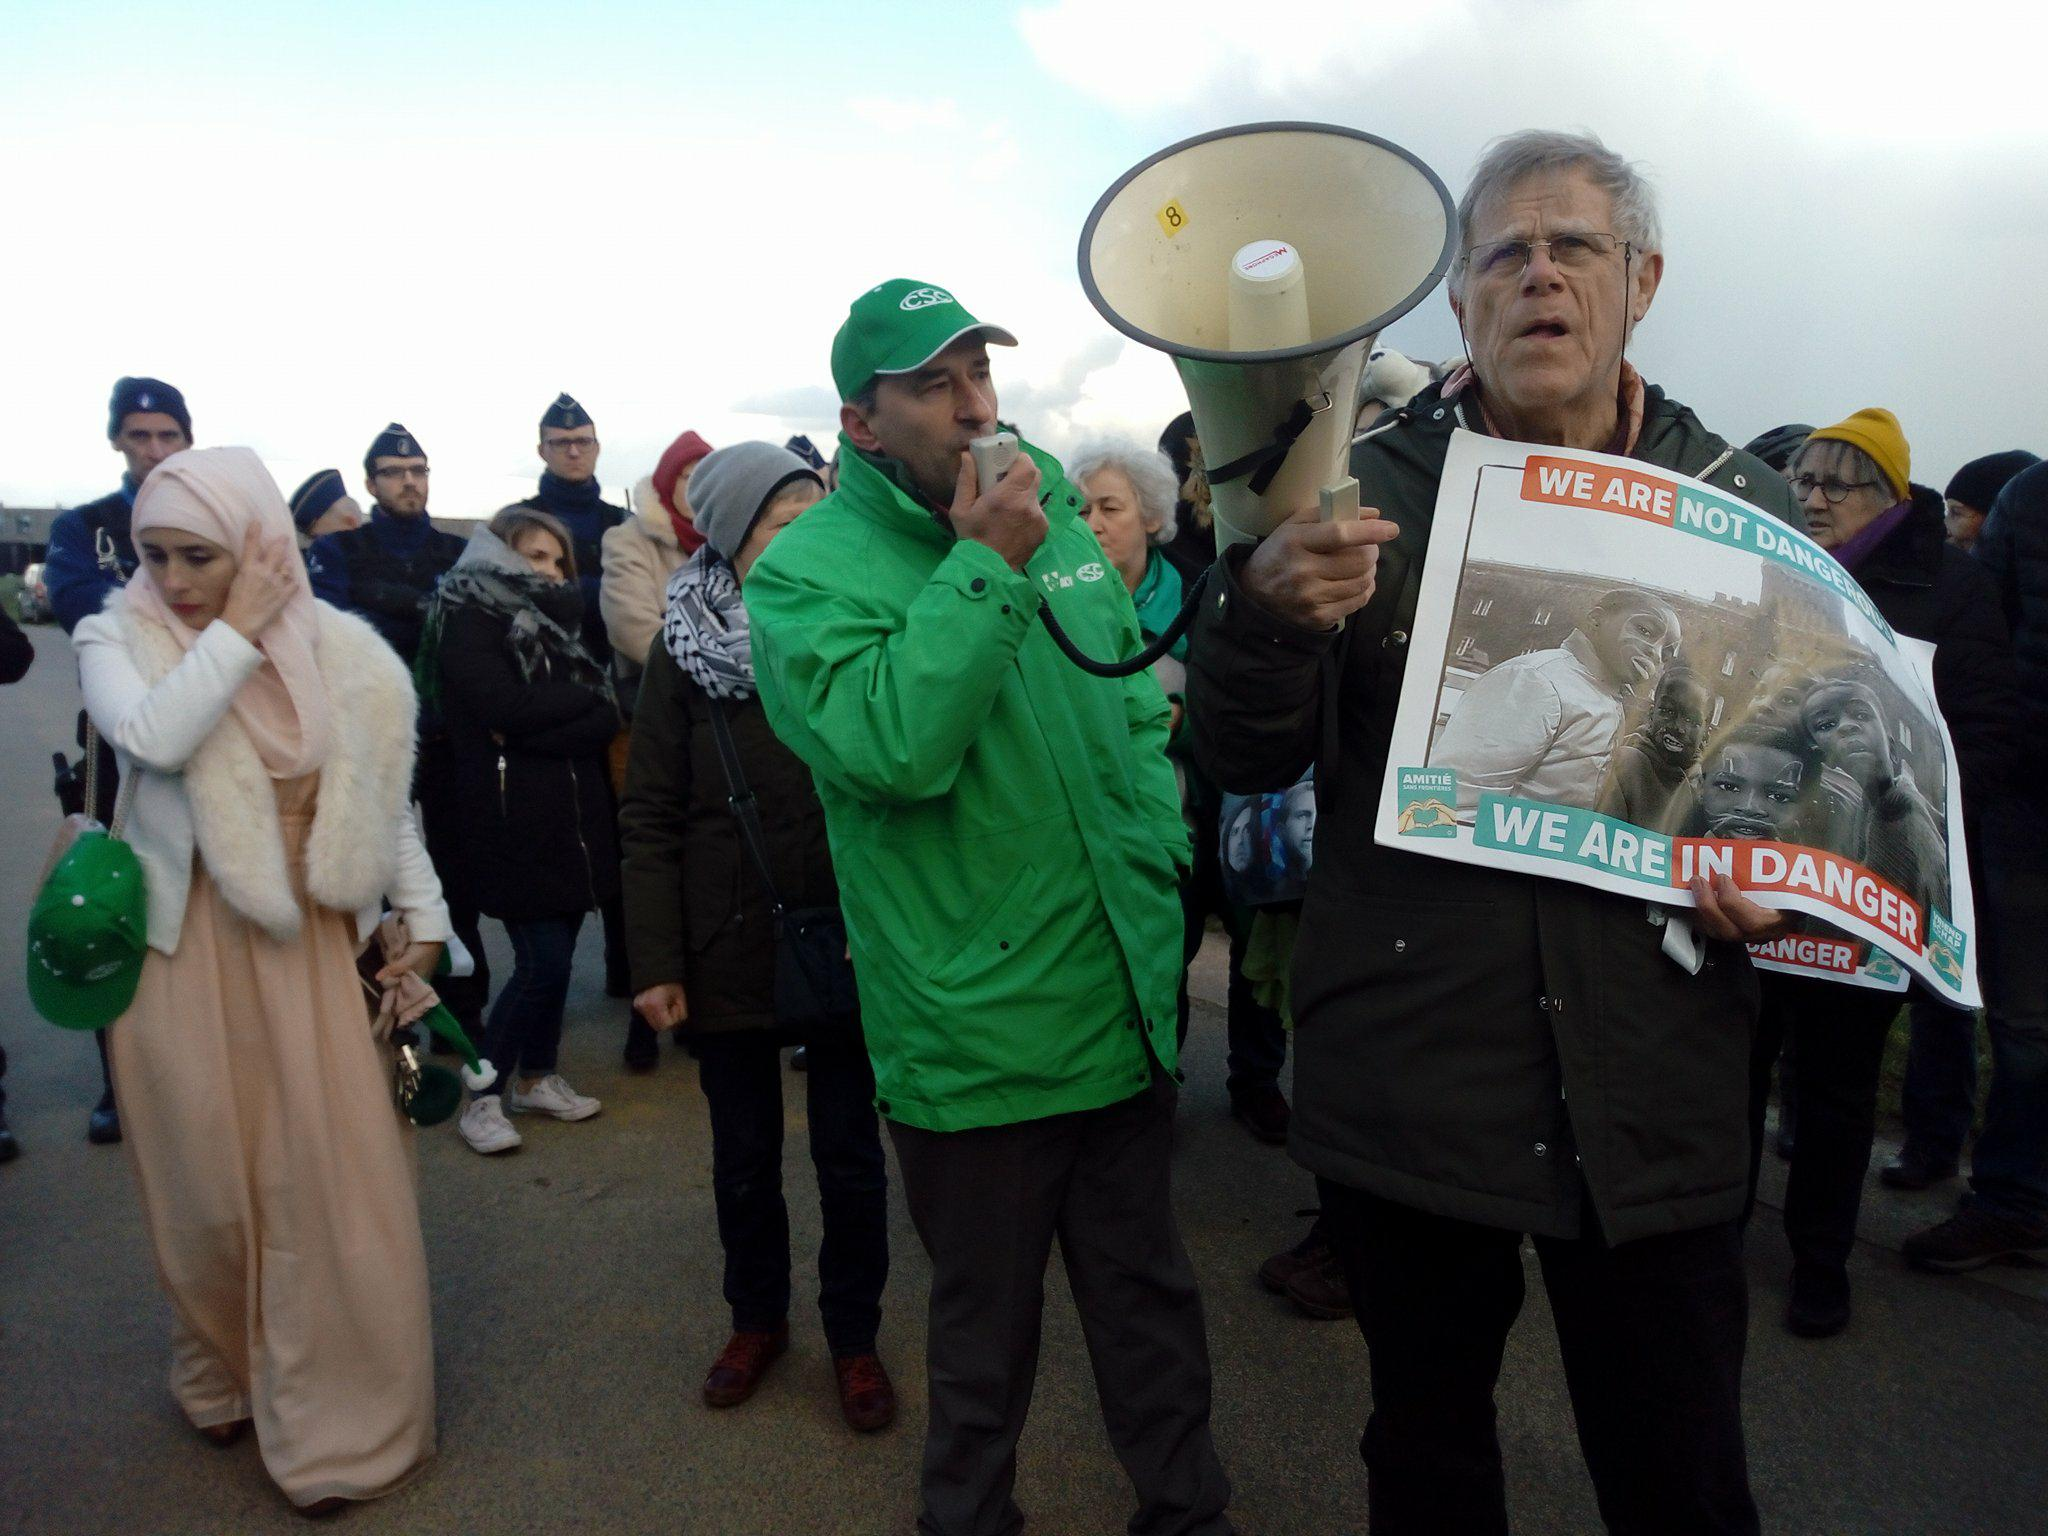 Rassemblement au centre fermé de Steenokkerzeel suite à une nouvelle opération d'arrestation de sans-papiers